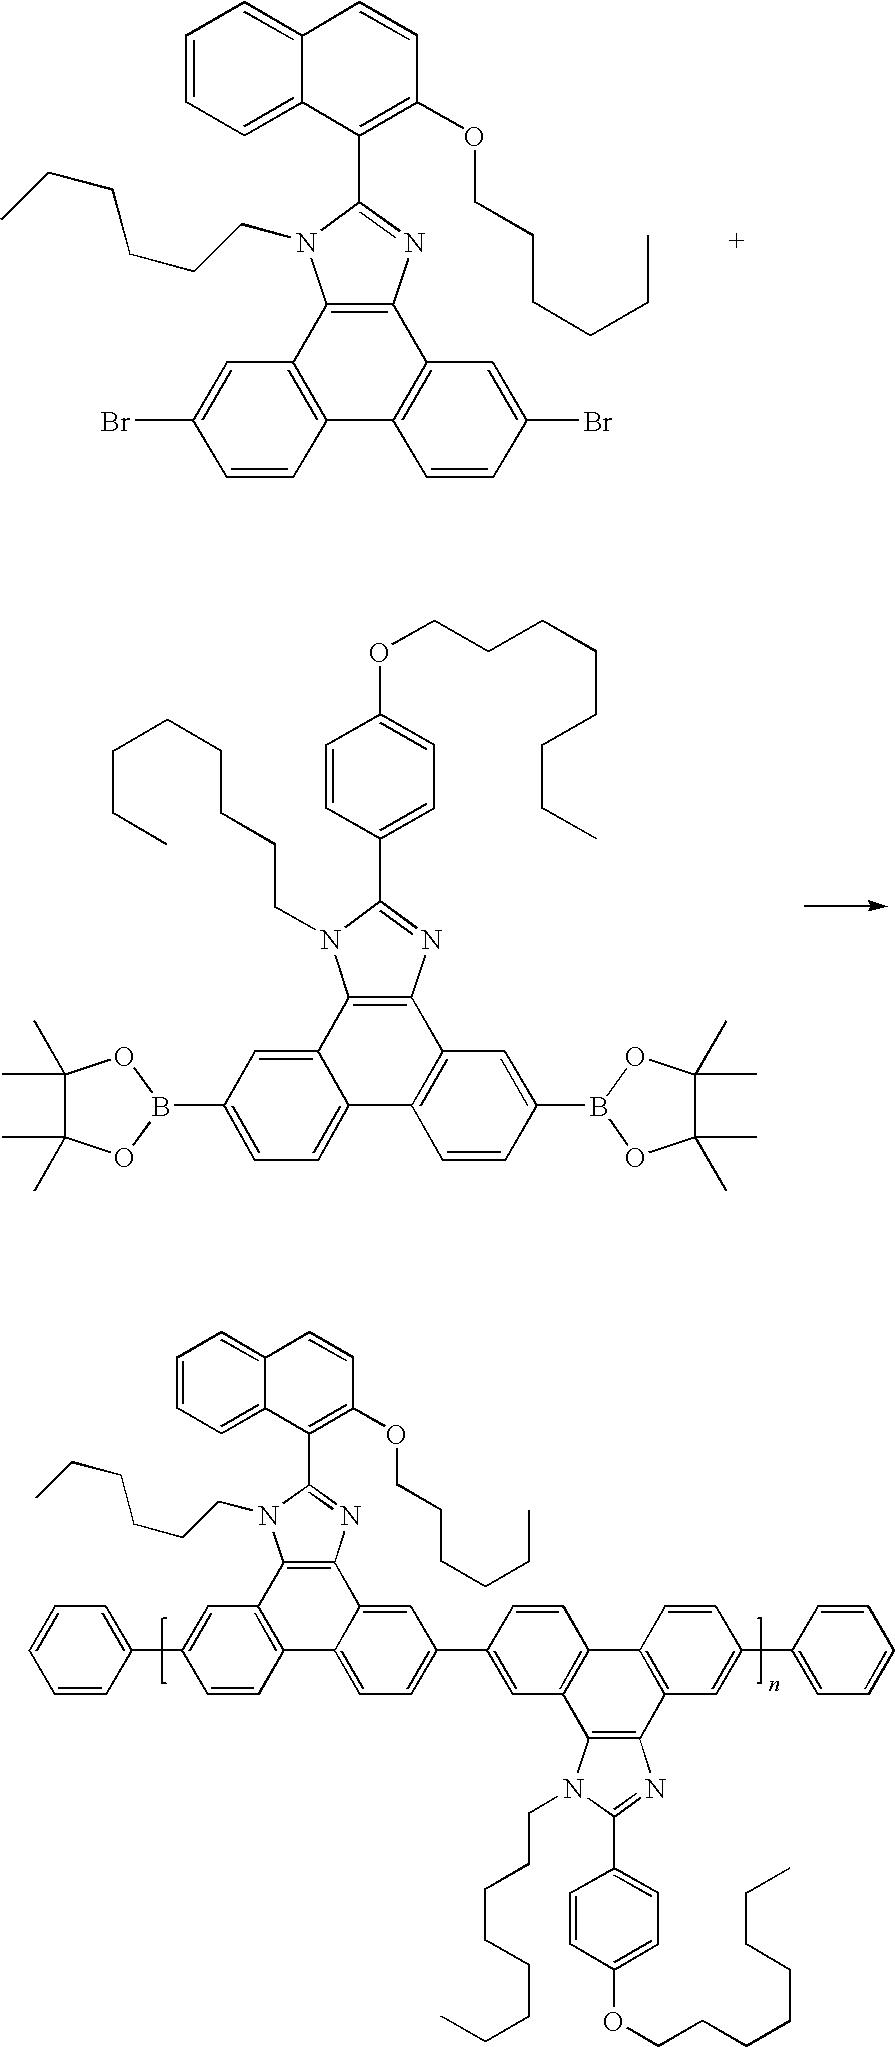 Figure US20090105447A1-20090423-C00231